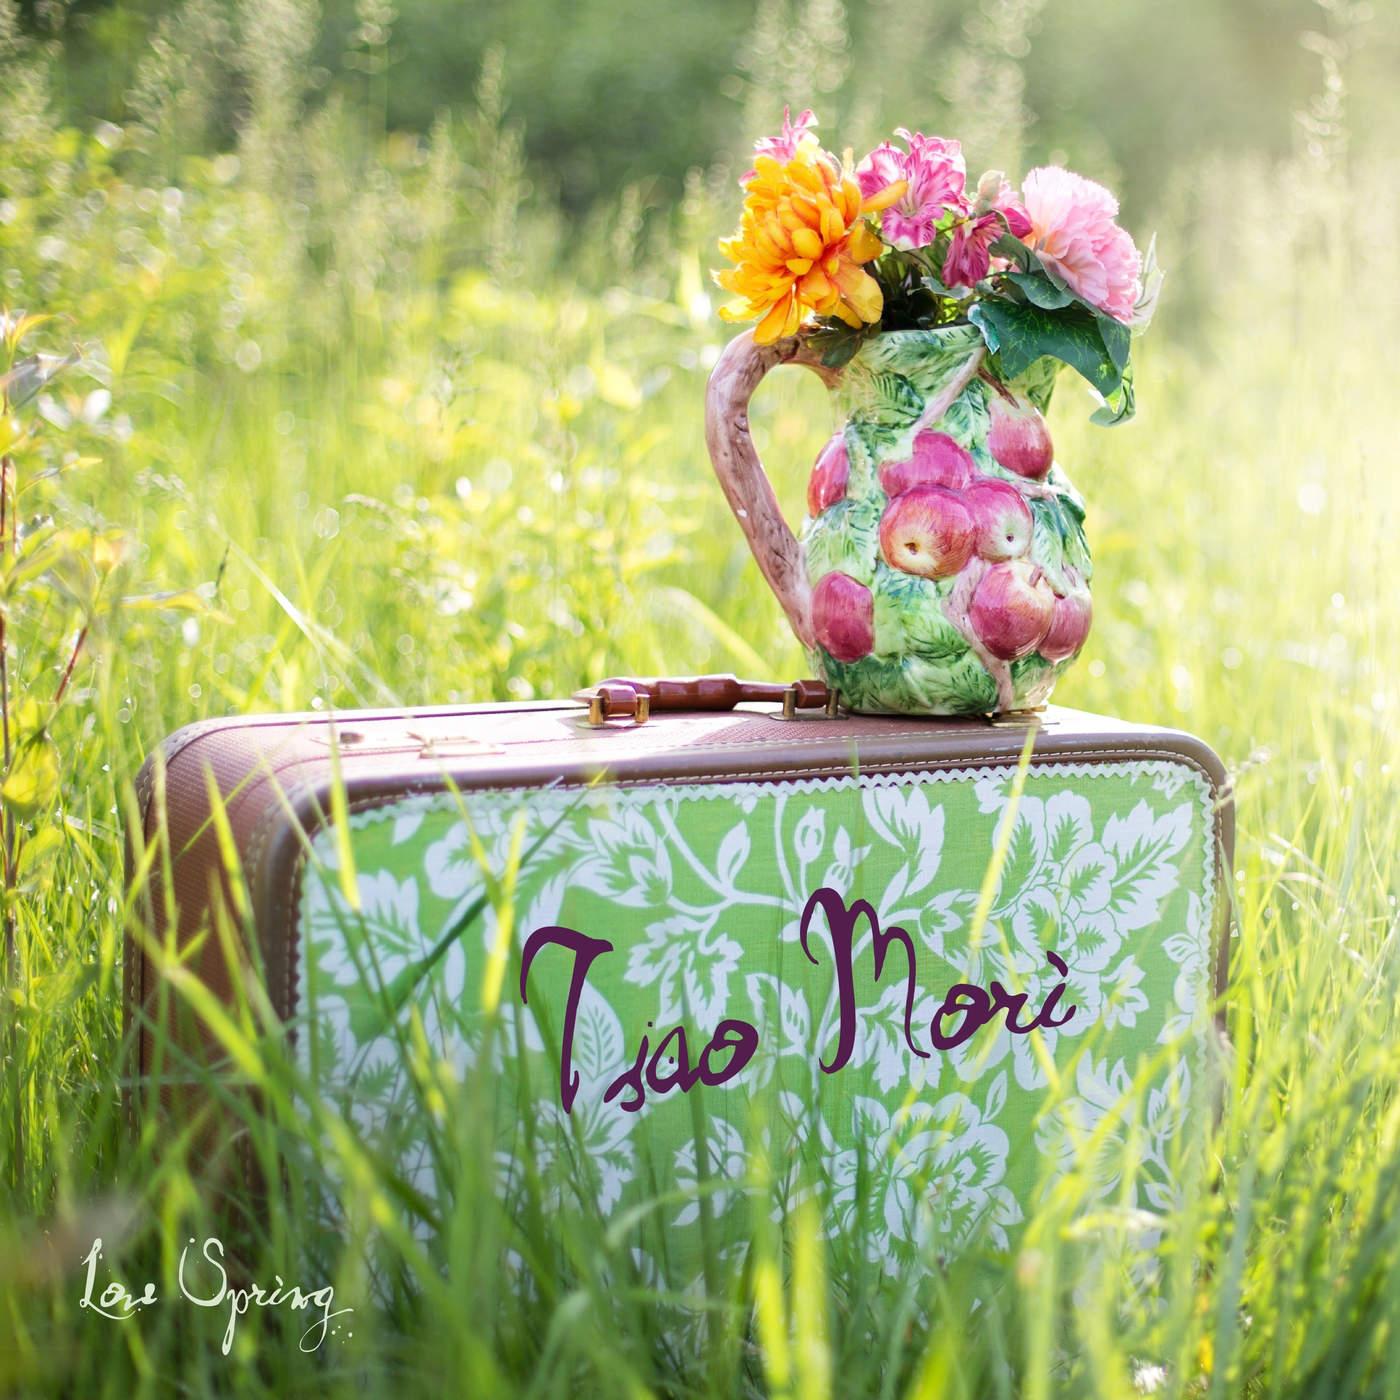 Isao Mori – Love Spring, Vol. 6